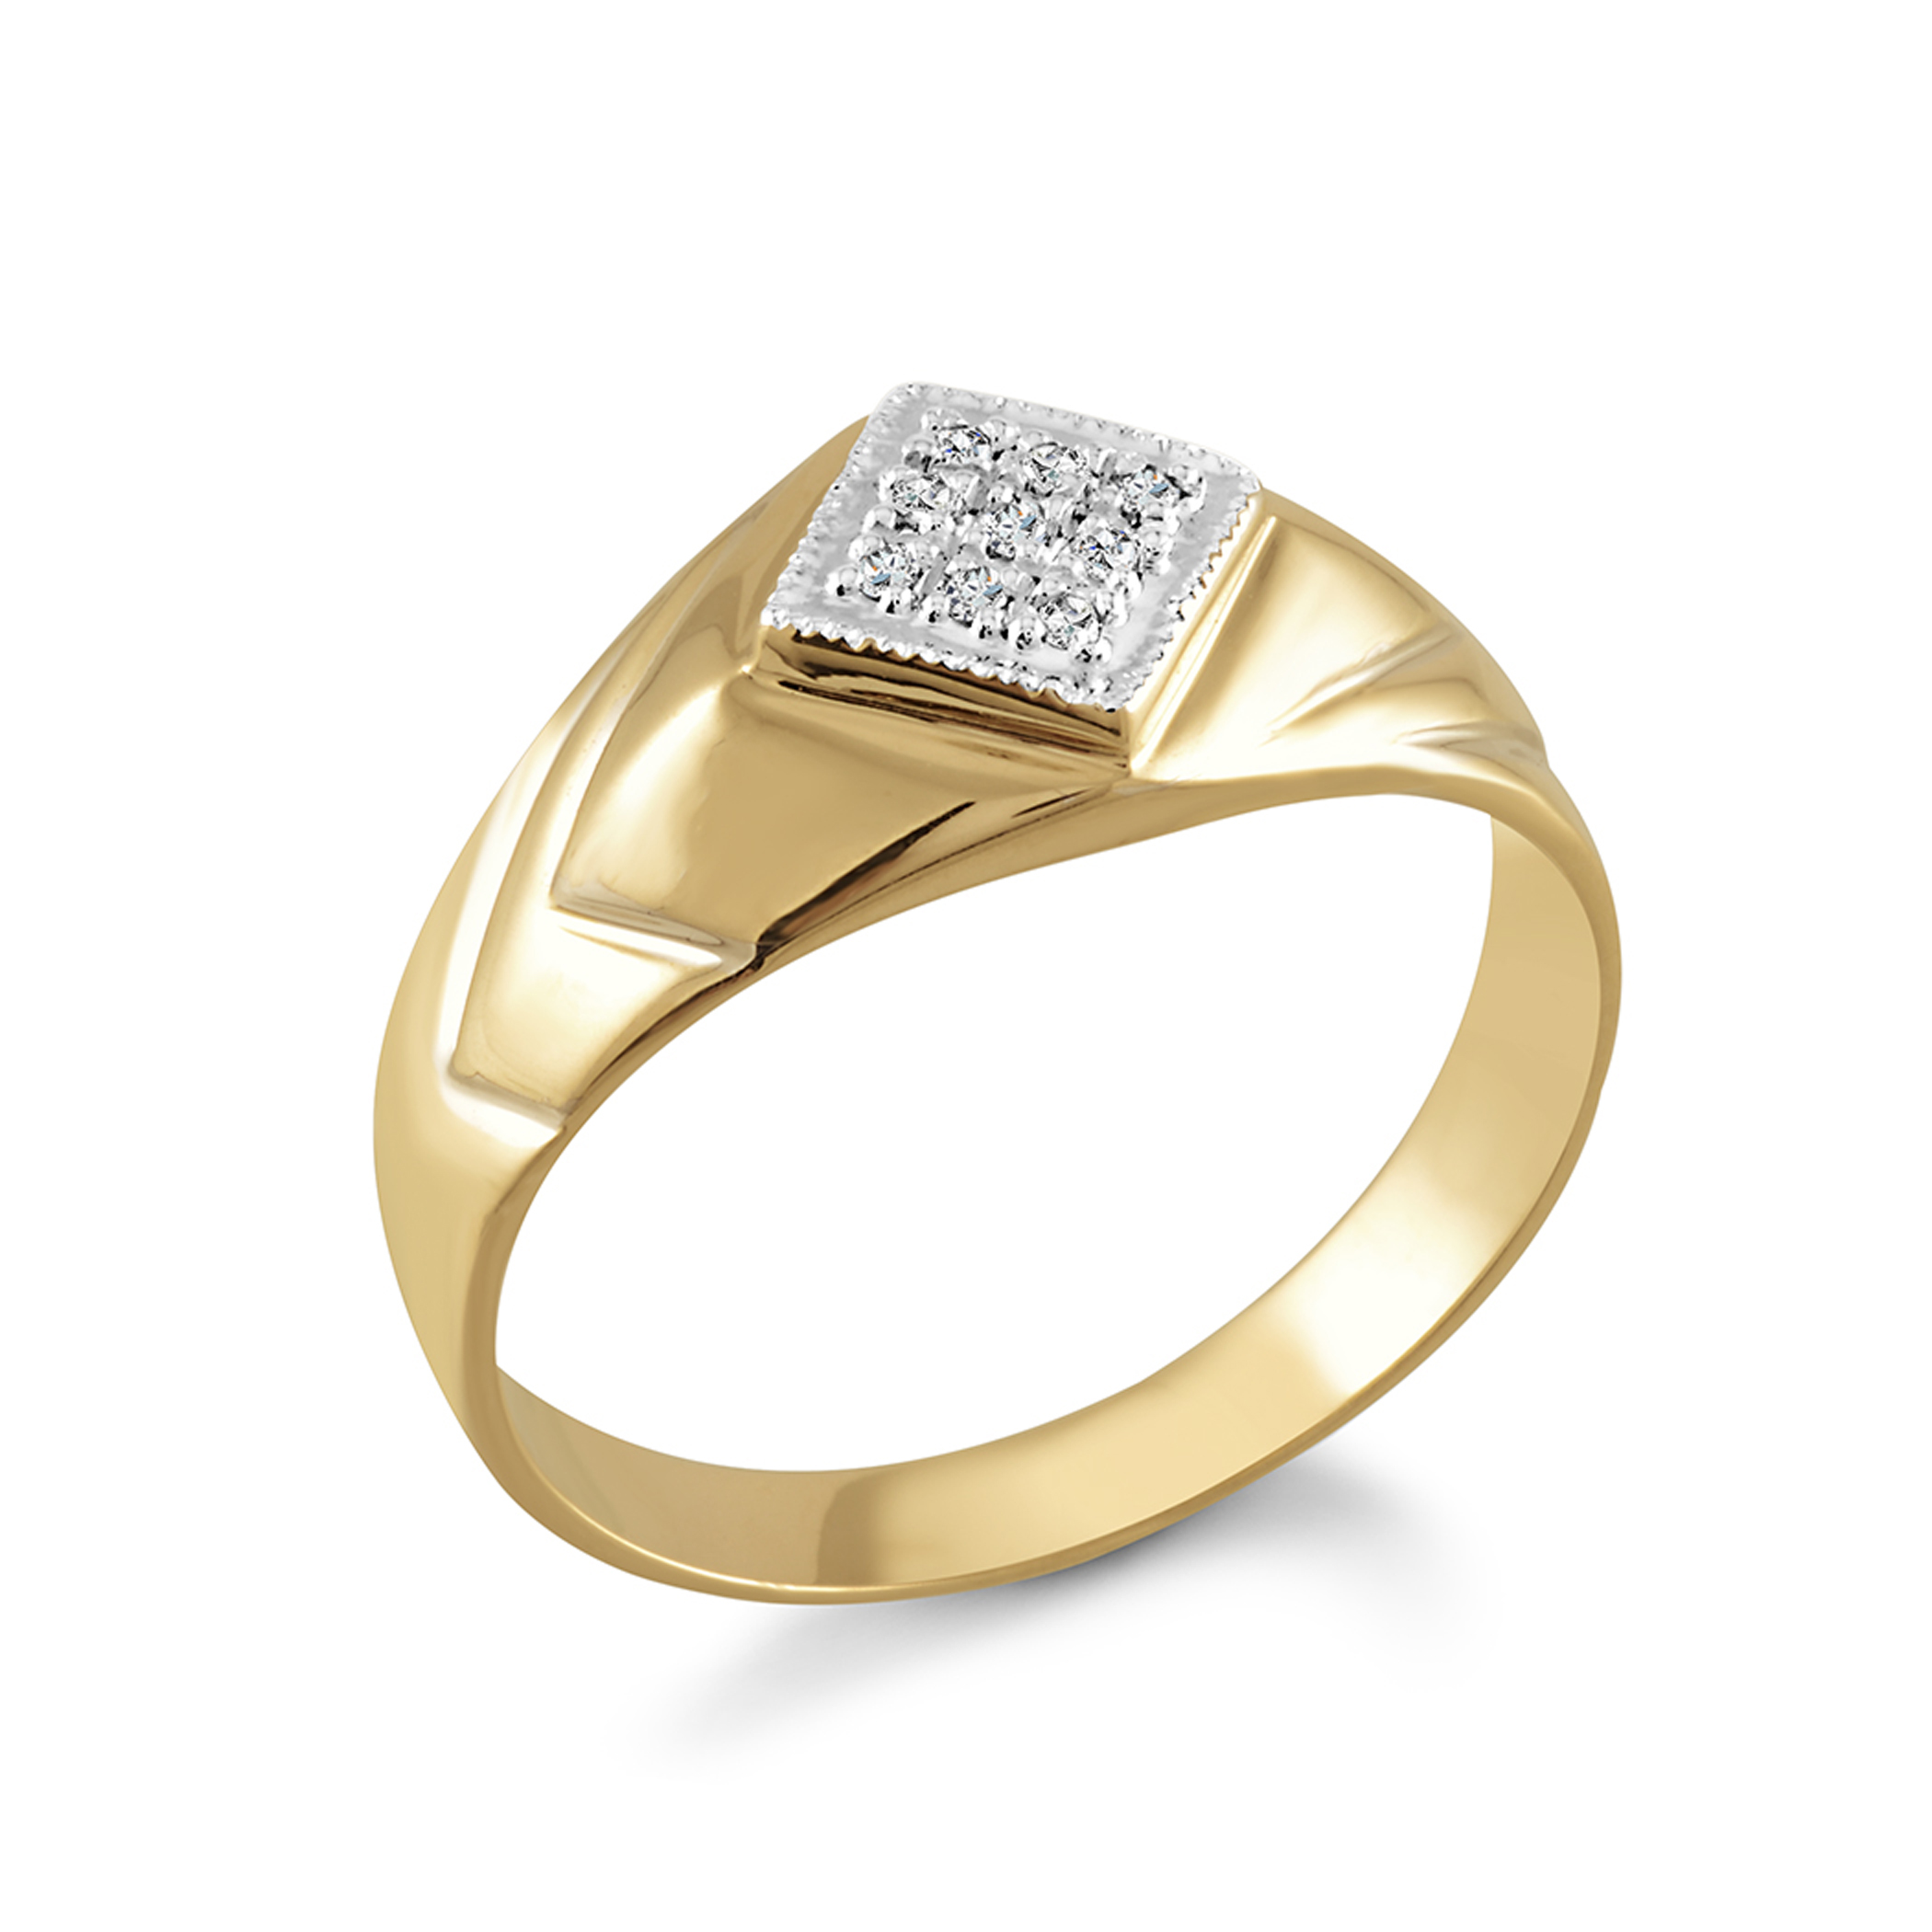 Bague pour homme - Or jaune 10K & Diamants totalisant 5 pts